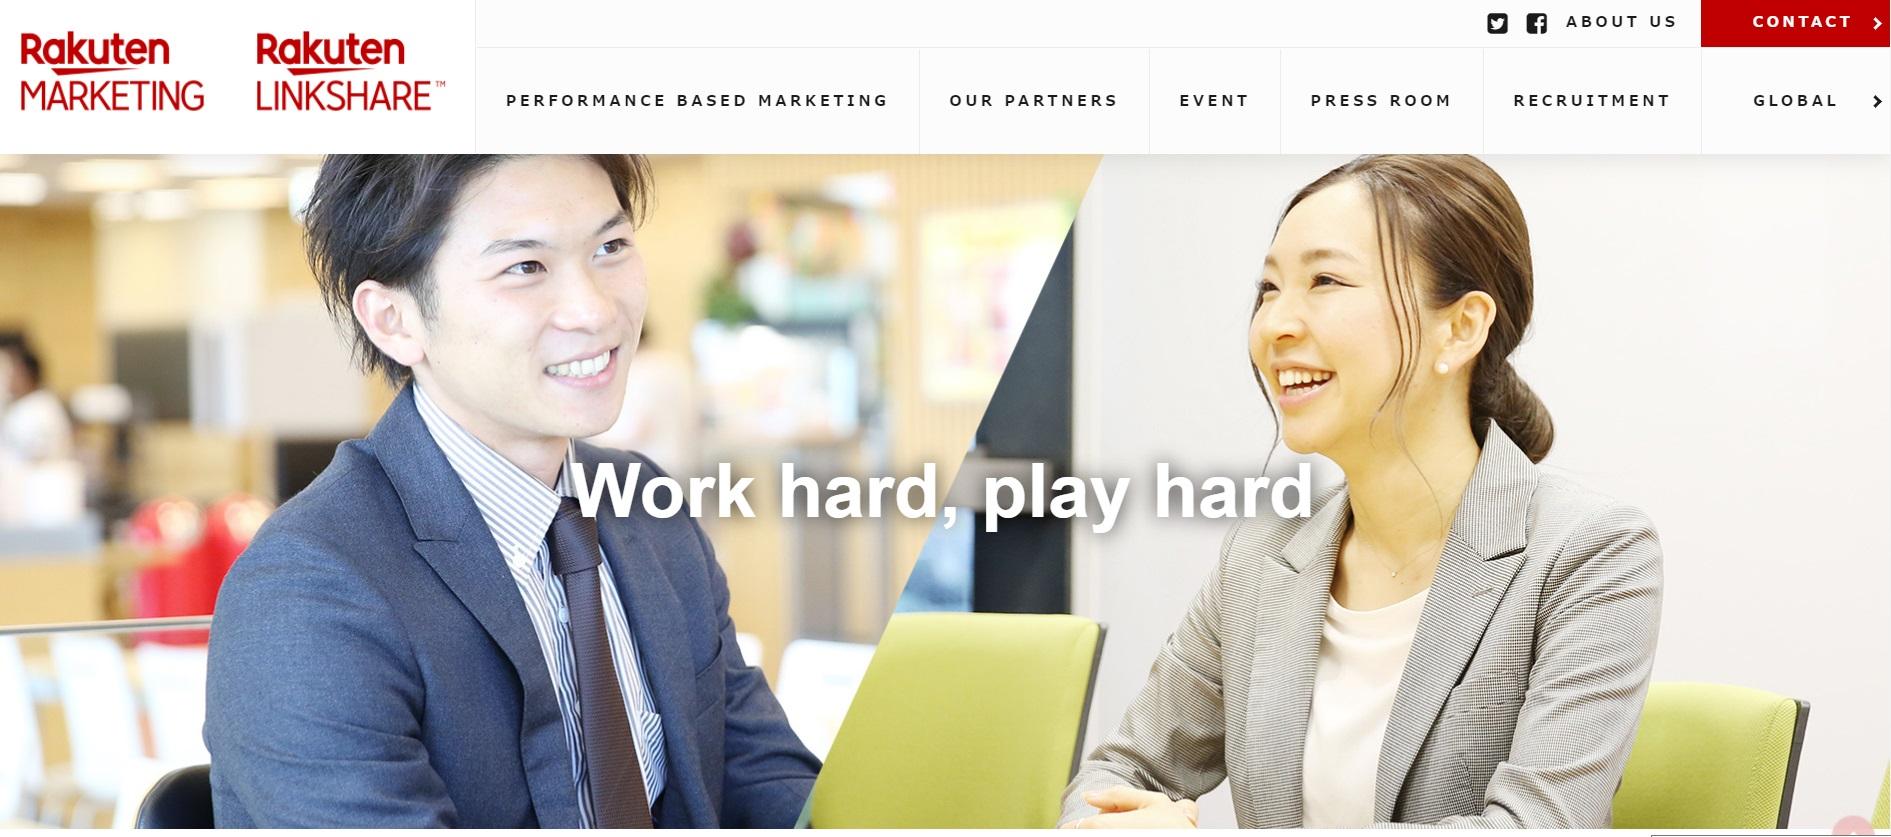 リンクシェア・ジャパン株式会社への転職お役立ち情報!売上や年収、社風について解説します